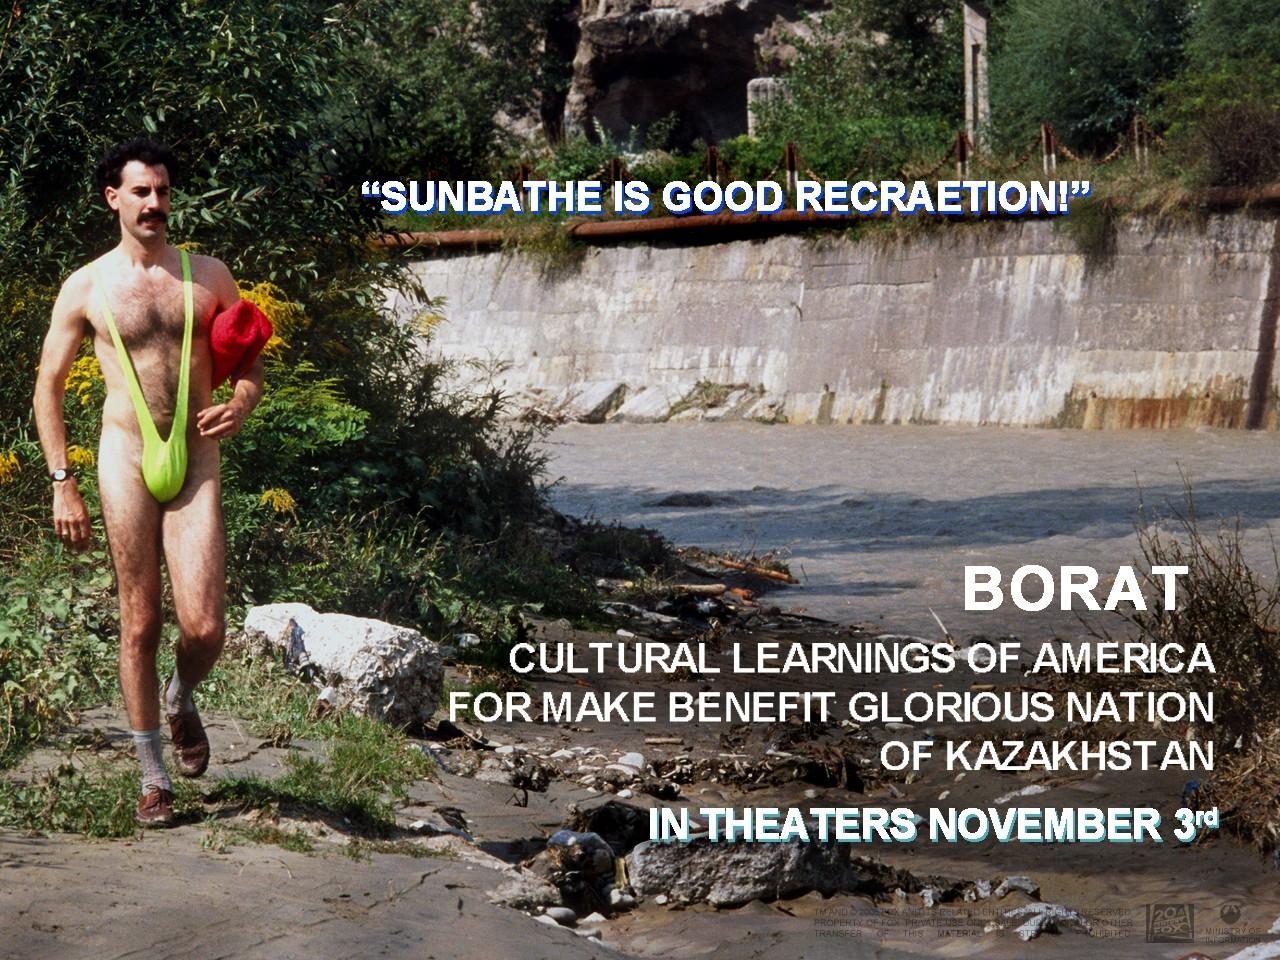 Wallpaper del film Borat - Studio culturale sull'America a beneficio della gloriosa nazione del Kazakistan